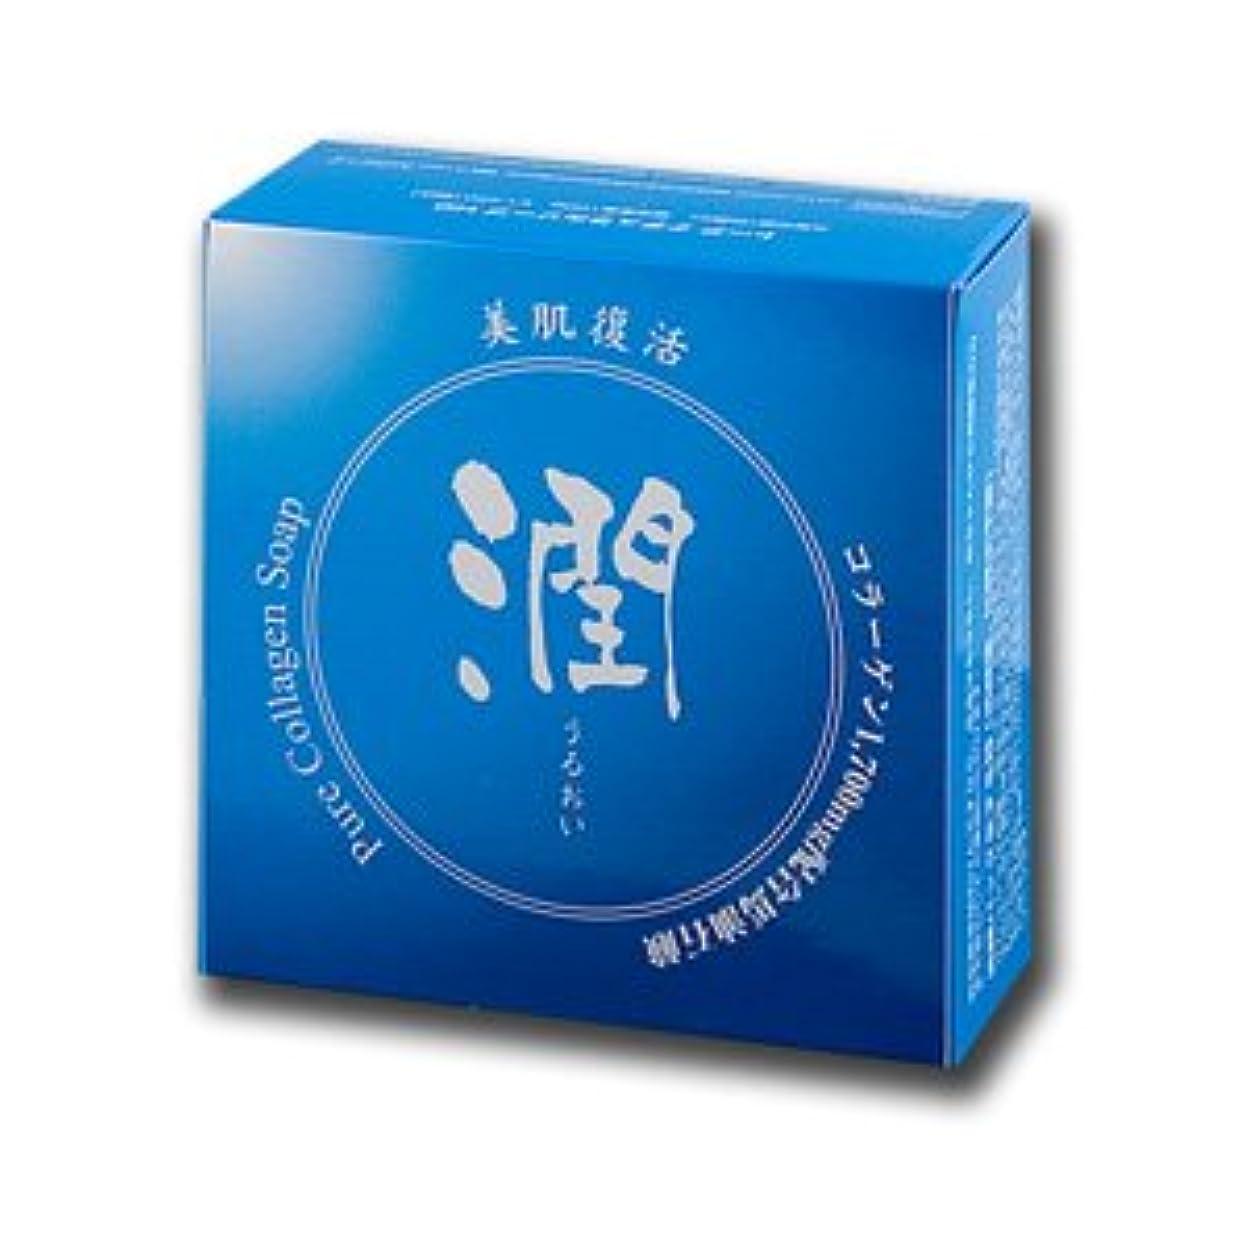 ライトニング支給それぞれコラーゲン馬油石鹸 潤 100g (#800410) ×5個セット